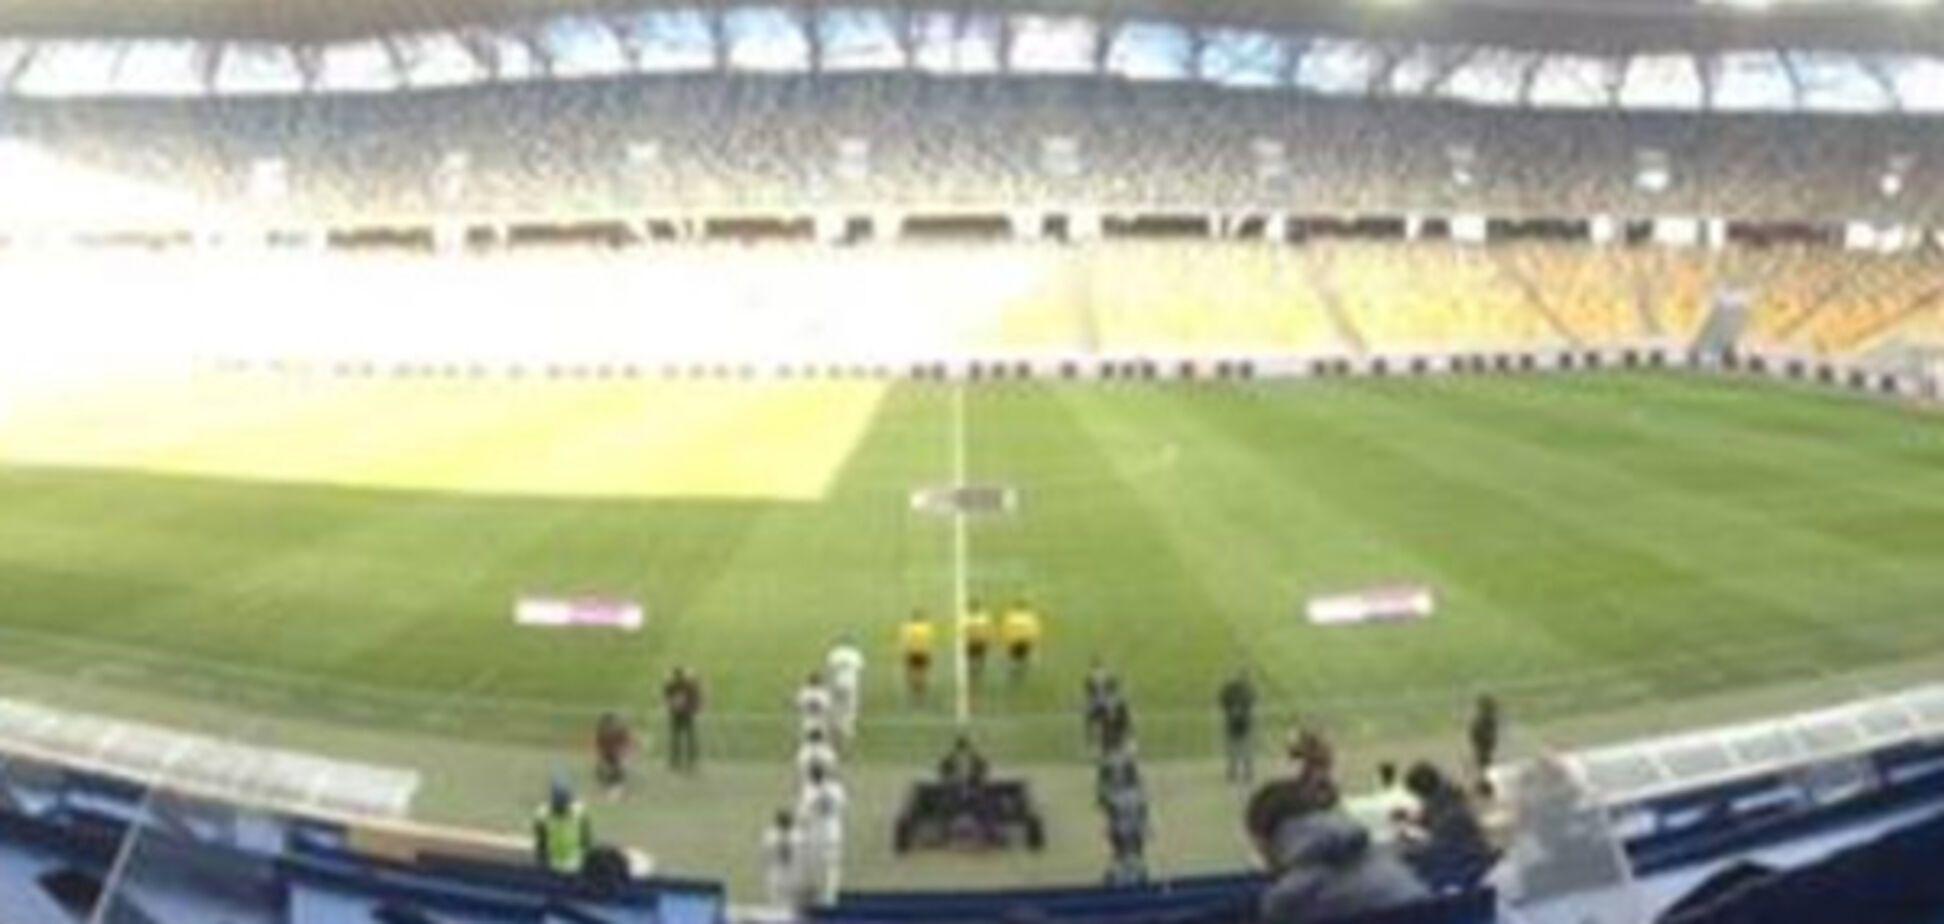 Подивитися матч Прем'єр-ліги на найбільшому стадіоні України прийшло лише 25 осіб